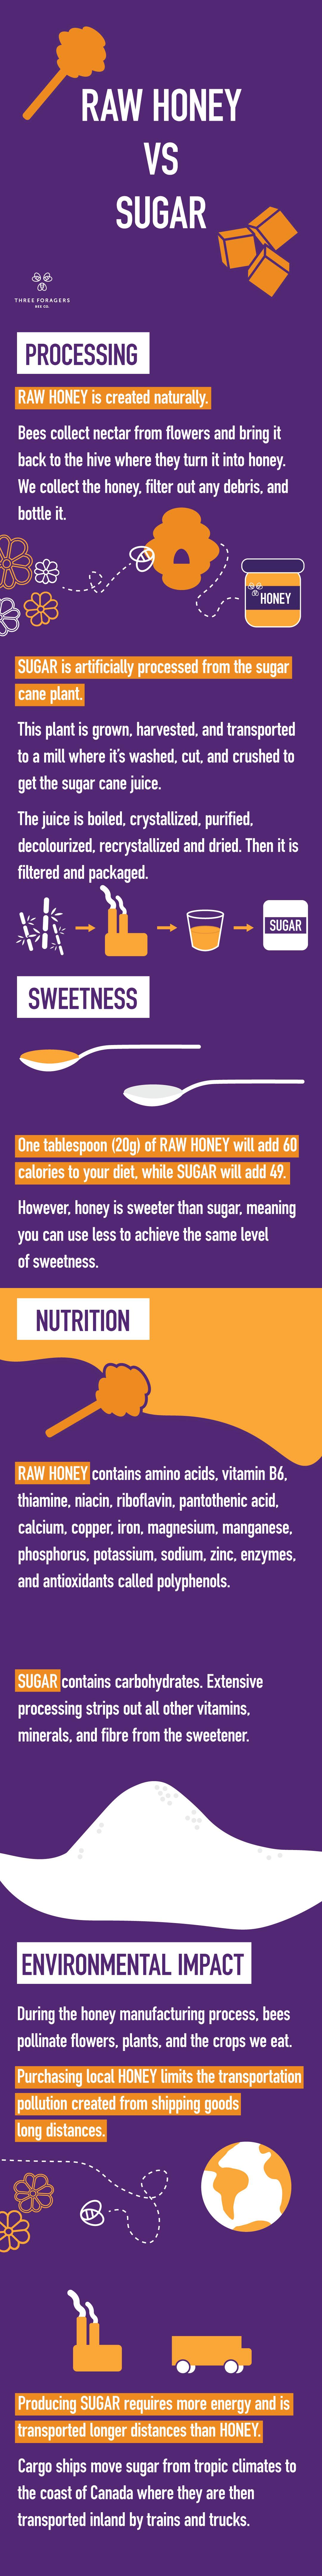 [19-09-17] THFOR-MKTG-Honey-VS-Sugar.jpg